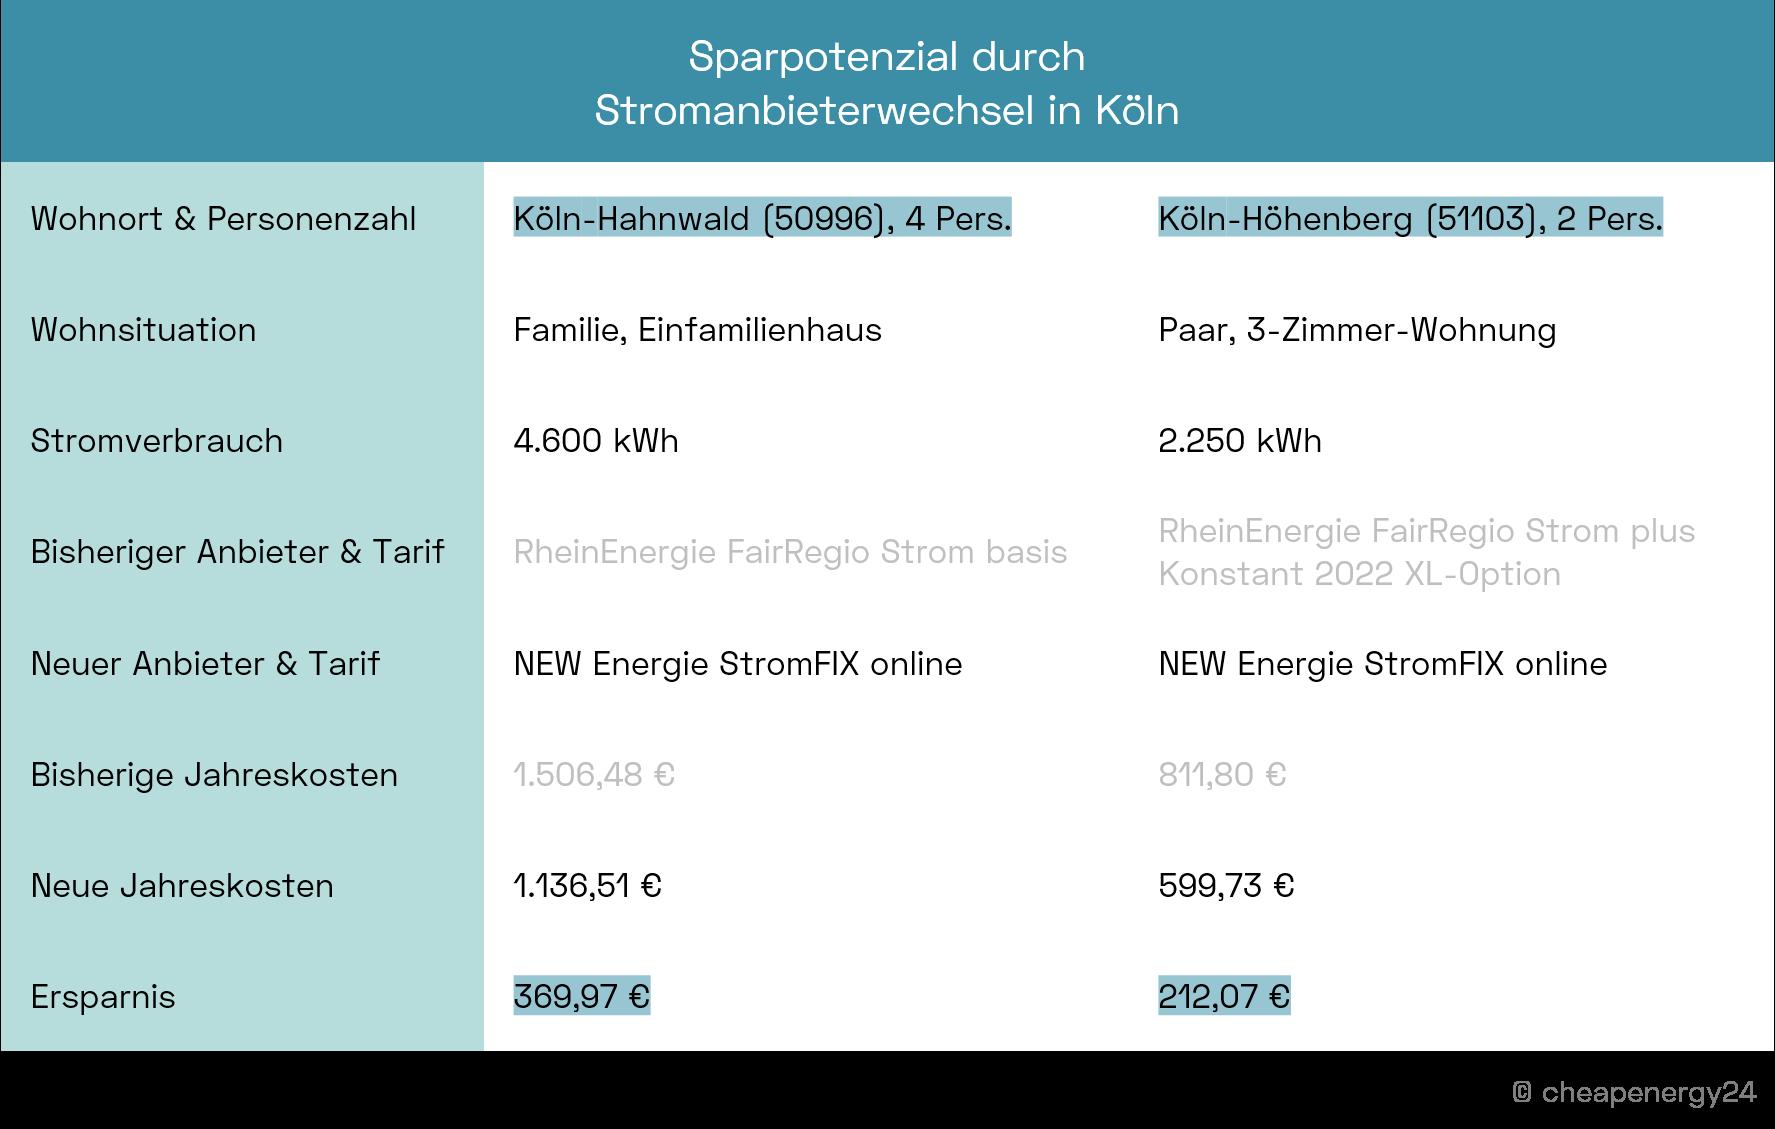 Köln - Stromanbieter wechseln - Sparpotenzial